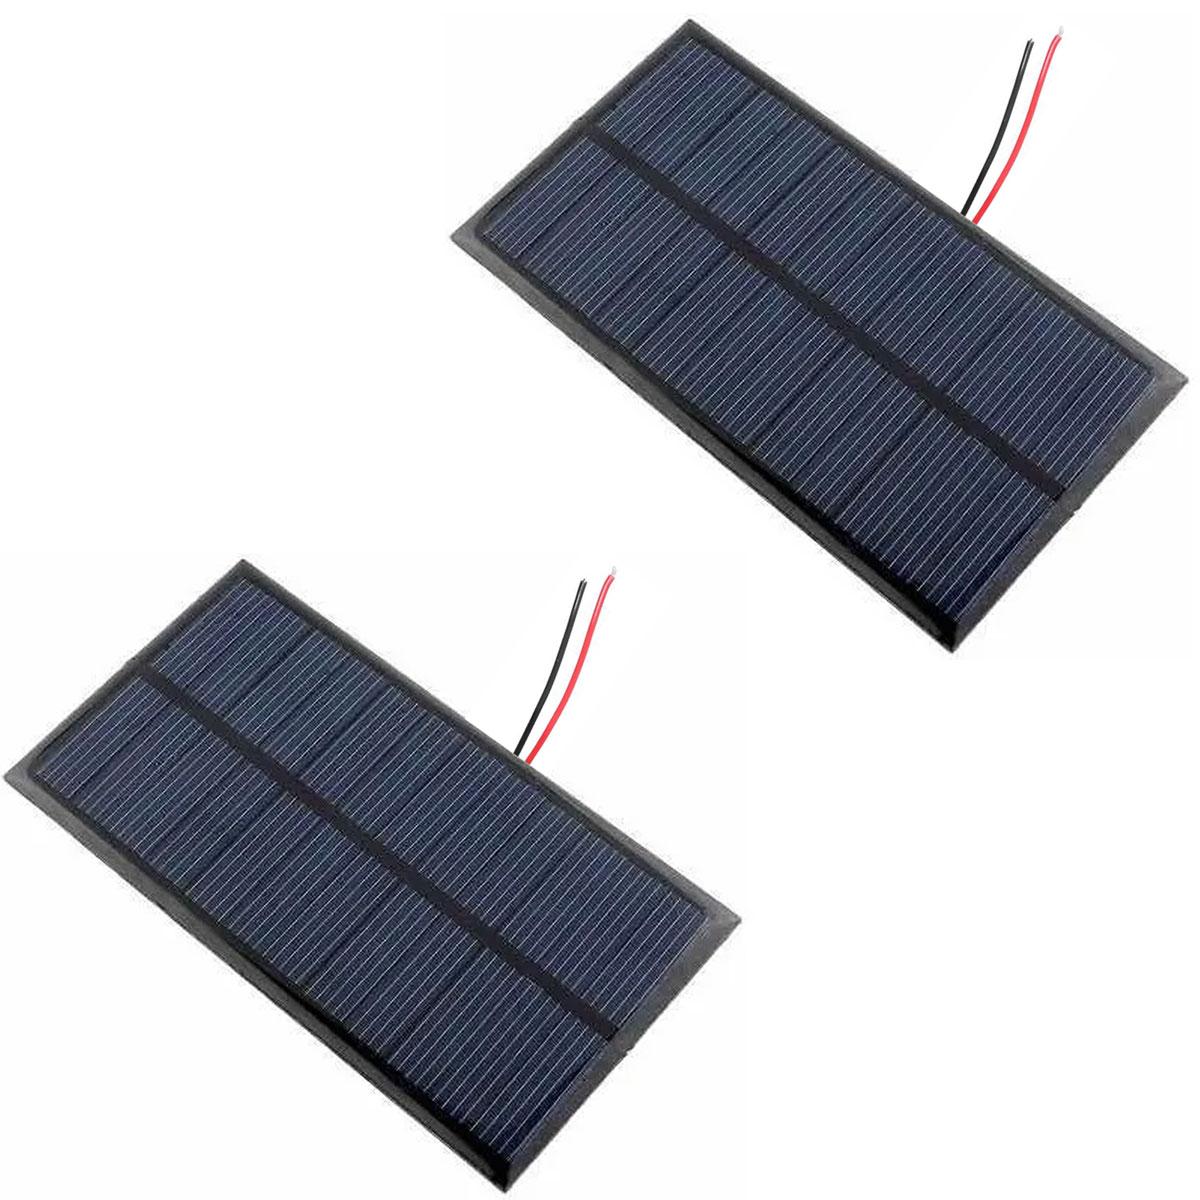 2x Mini Placa Solar 12v 1.5w com Cabos Soldados p/ Ionizador de Piscina